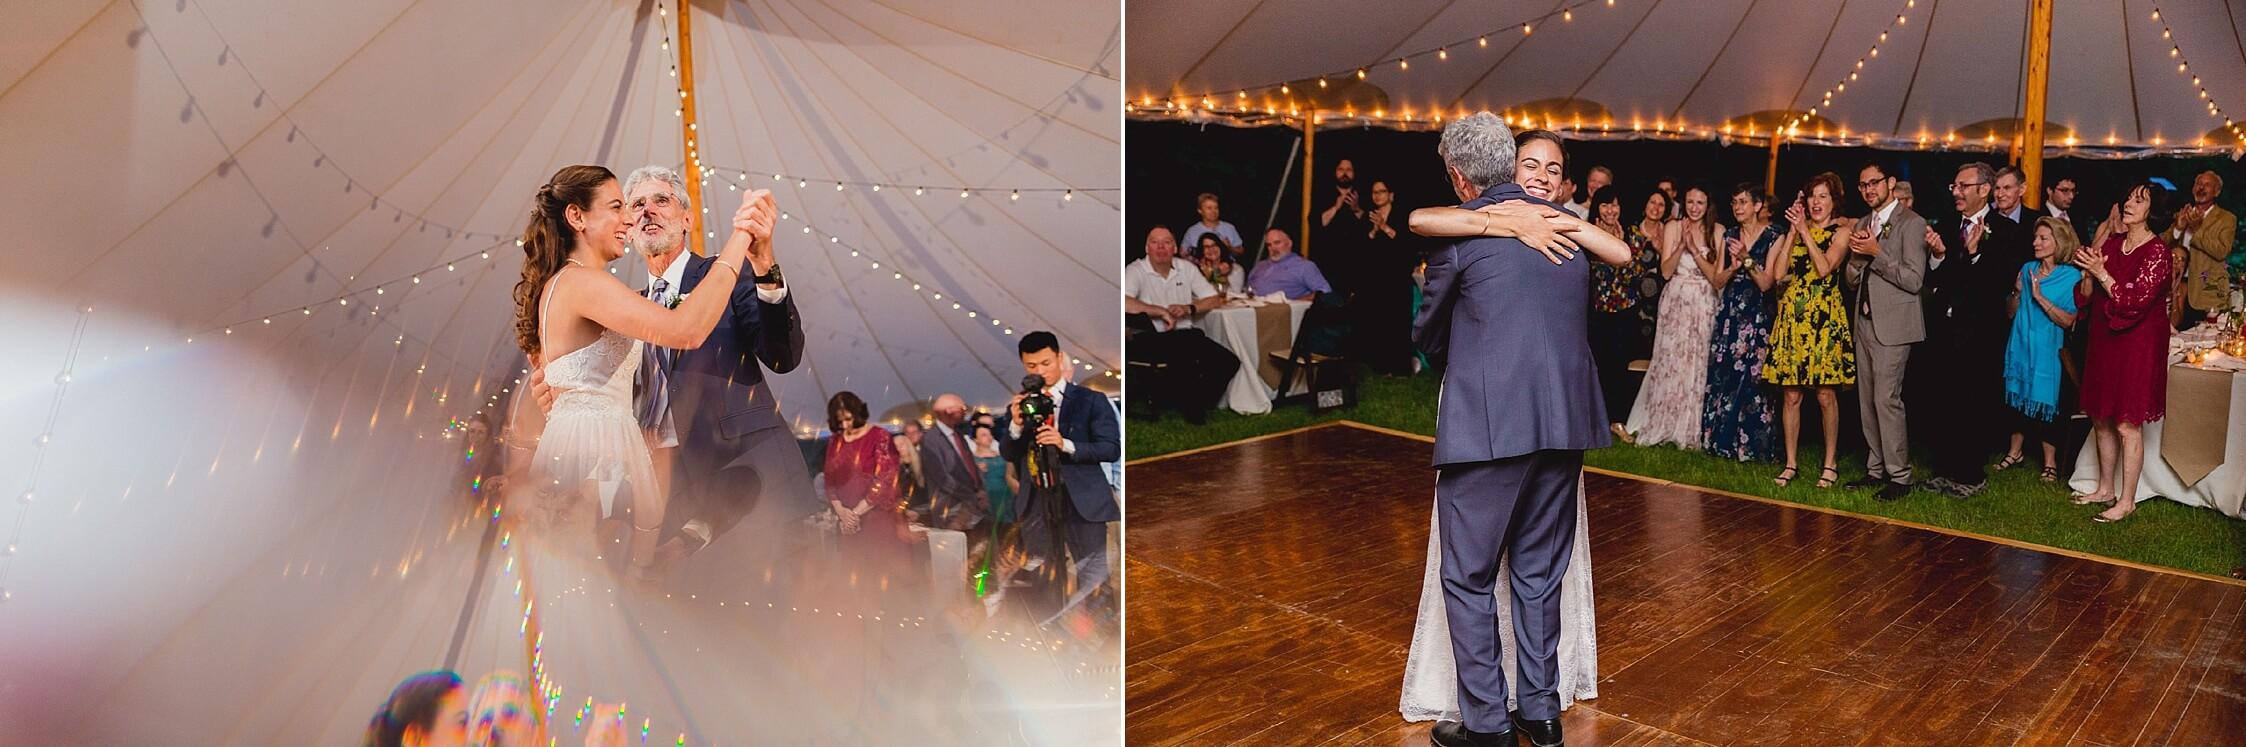 Backyard Wedding-158.jpg